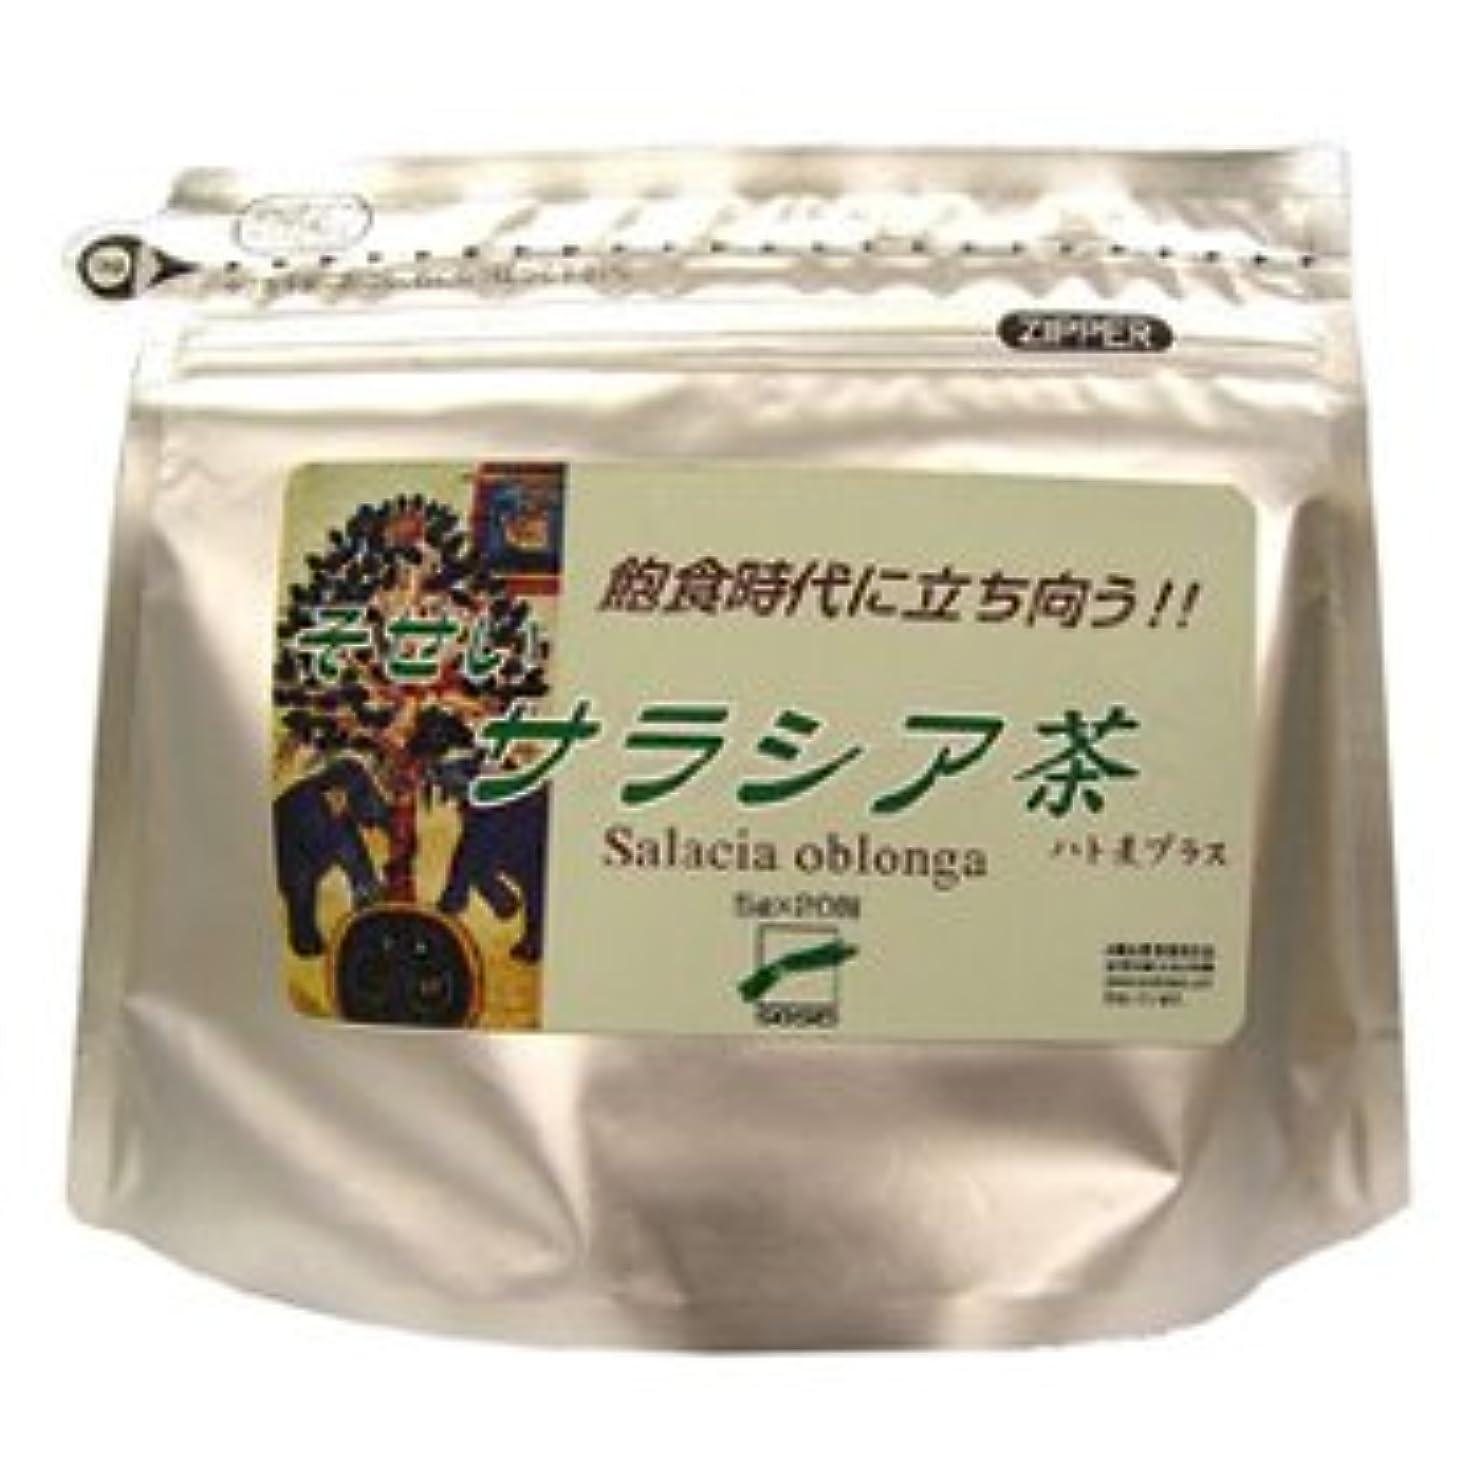 クロス低下半球そせい サラシア茶 1袋